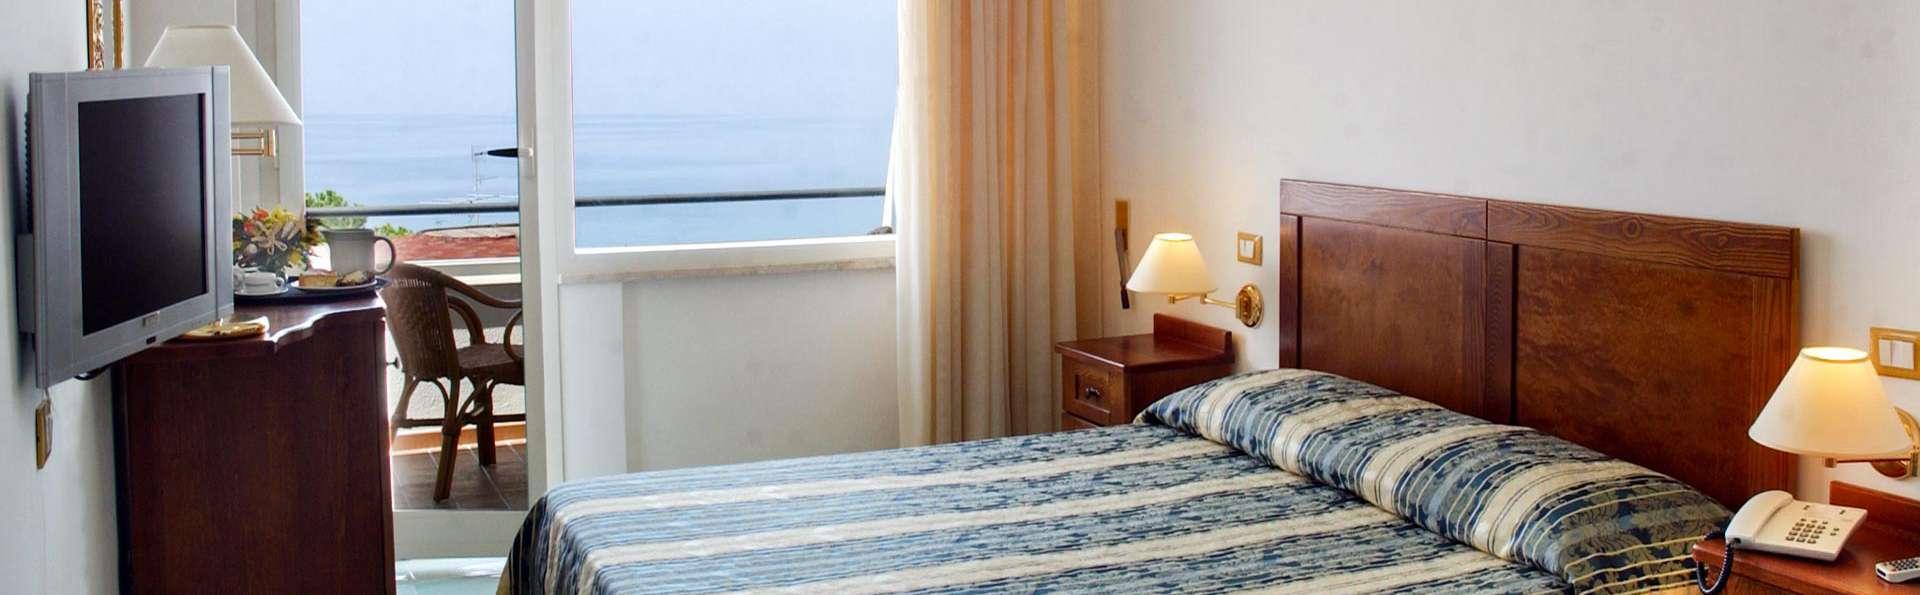 Hotel Baia - EDIT_DOUBLE_05.jpg